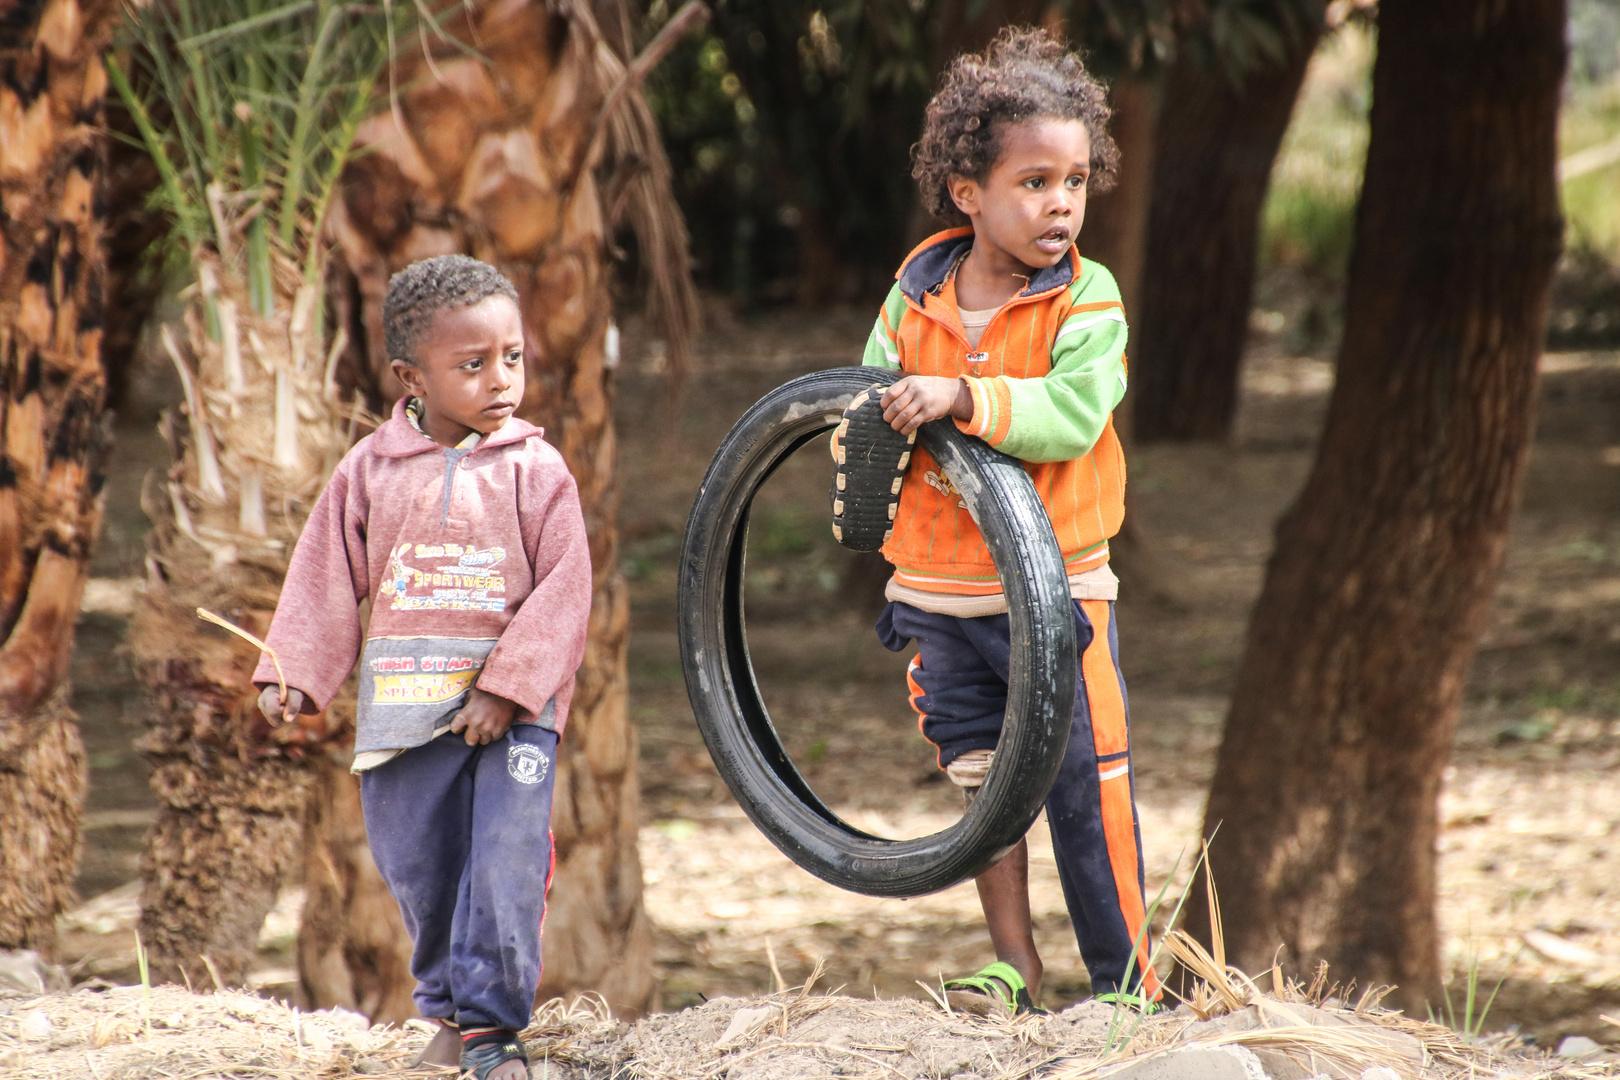 zwei Kinder spielen egypt